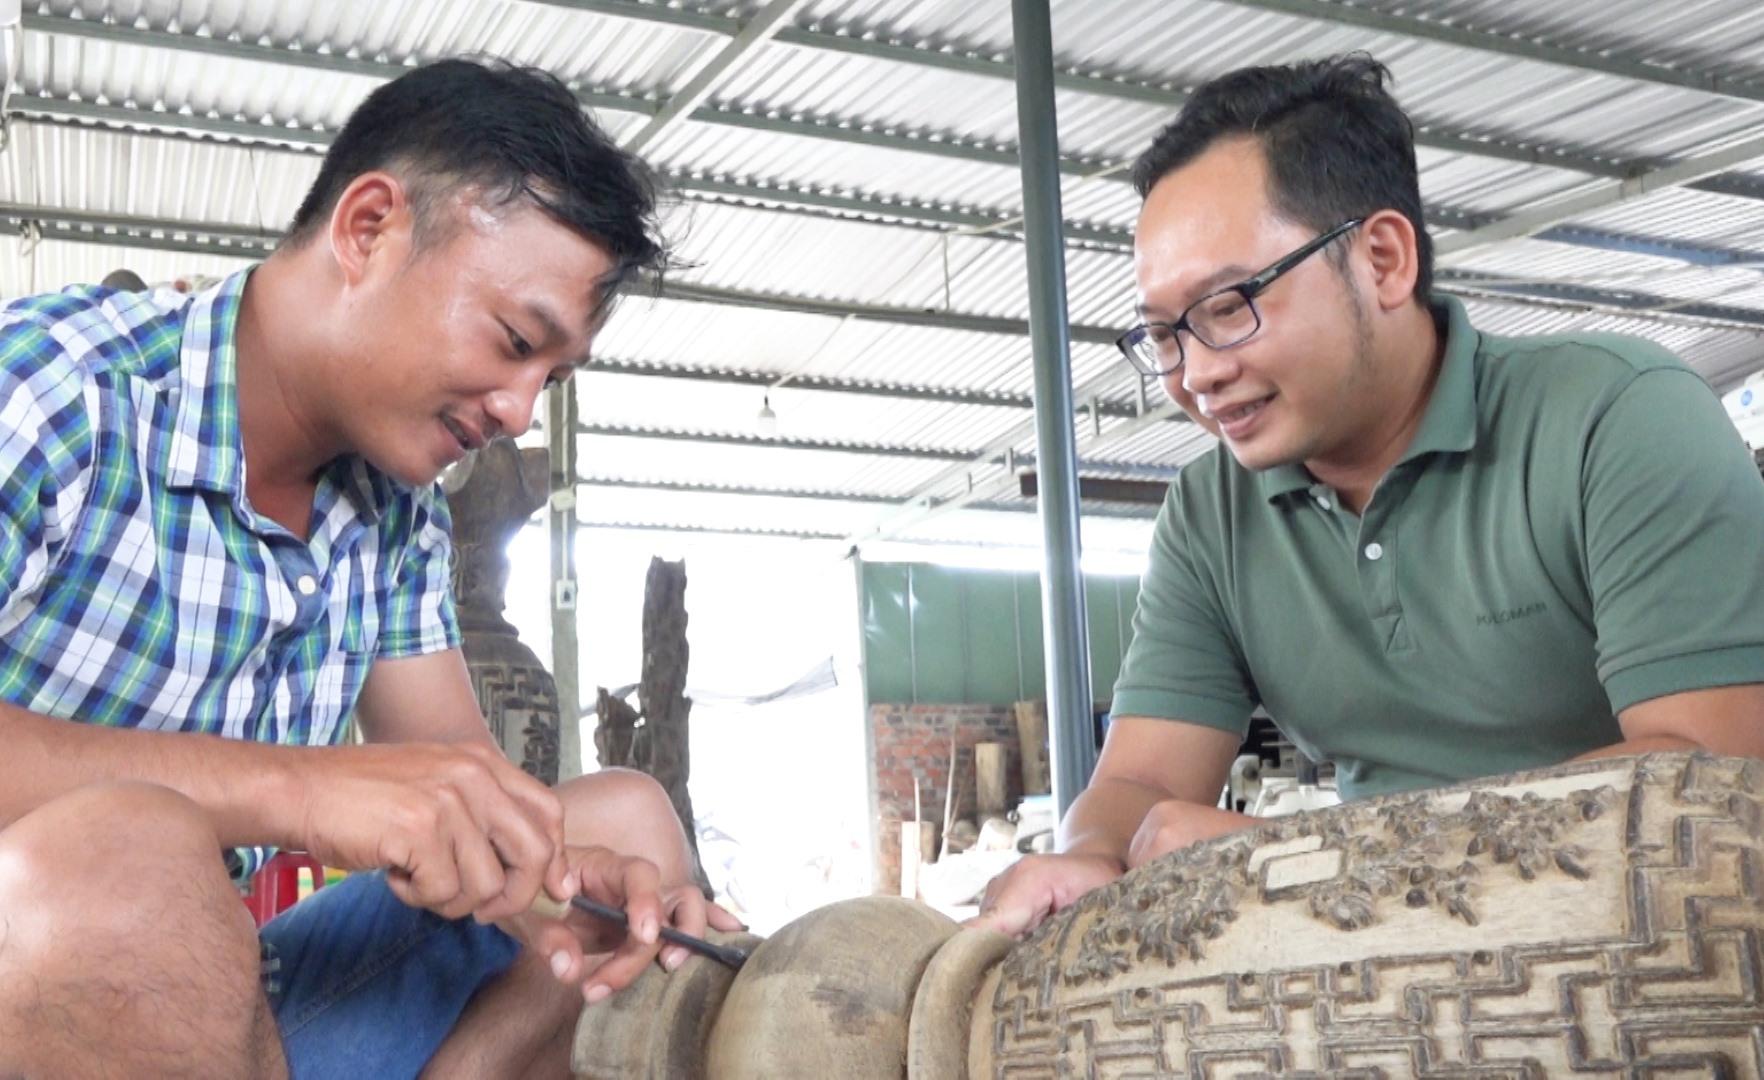 Ông Nguyễn Văn Trường (bên phải) cùng thợ đang chế tác sản phẩm trầm hương (ảnh chụp thời điểm dịch Covid-19 chưa bùng phát). Ảnh: H.Q